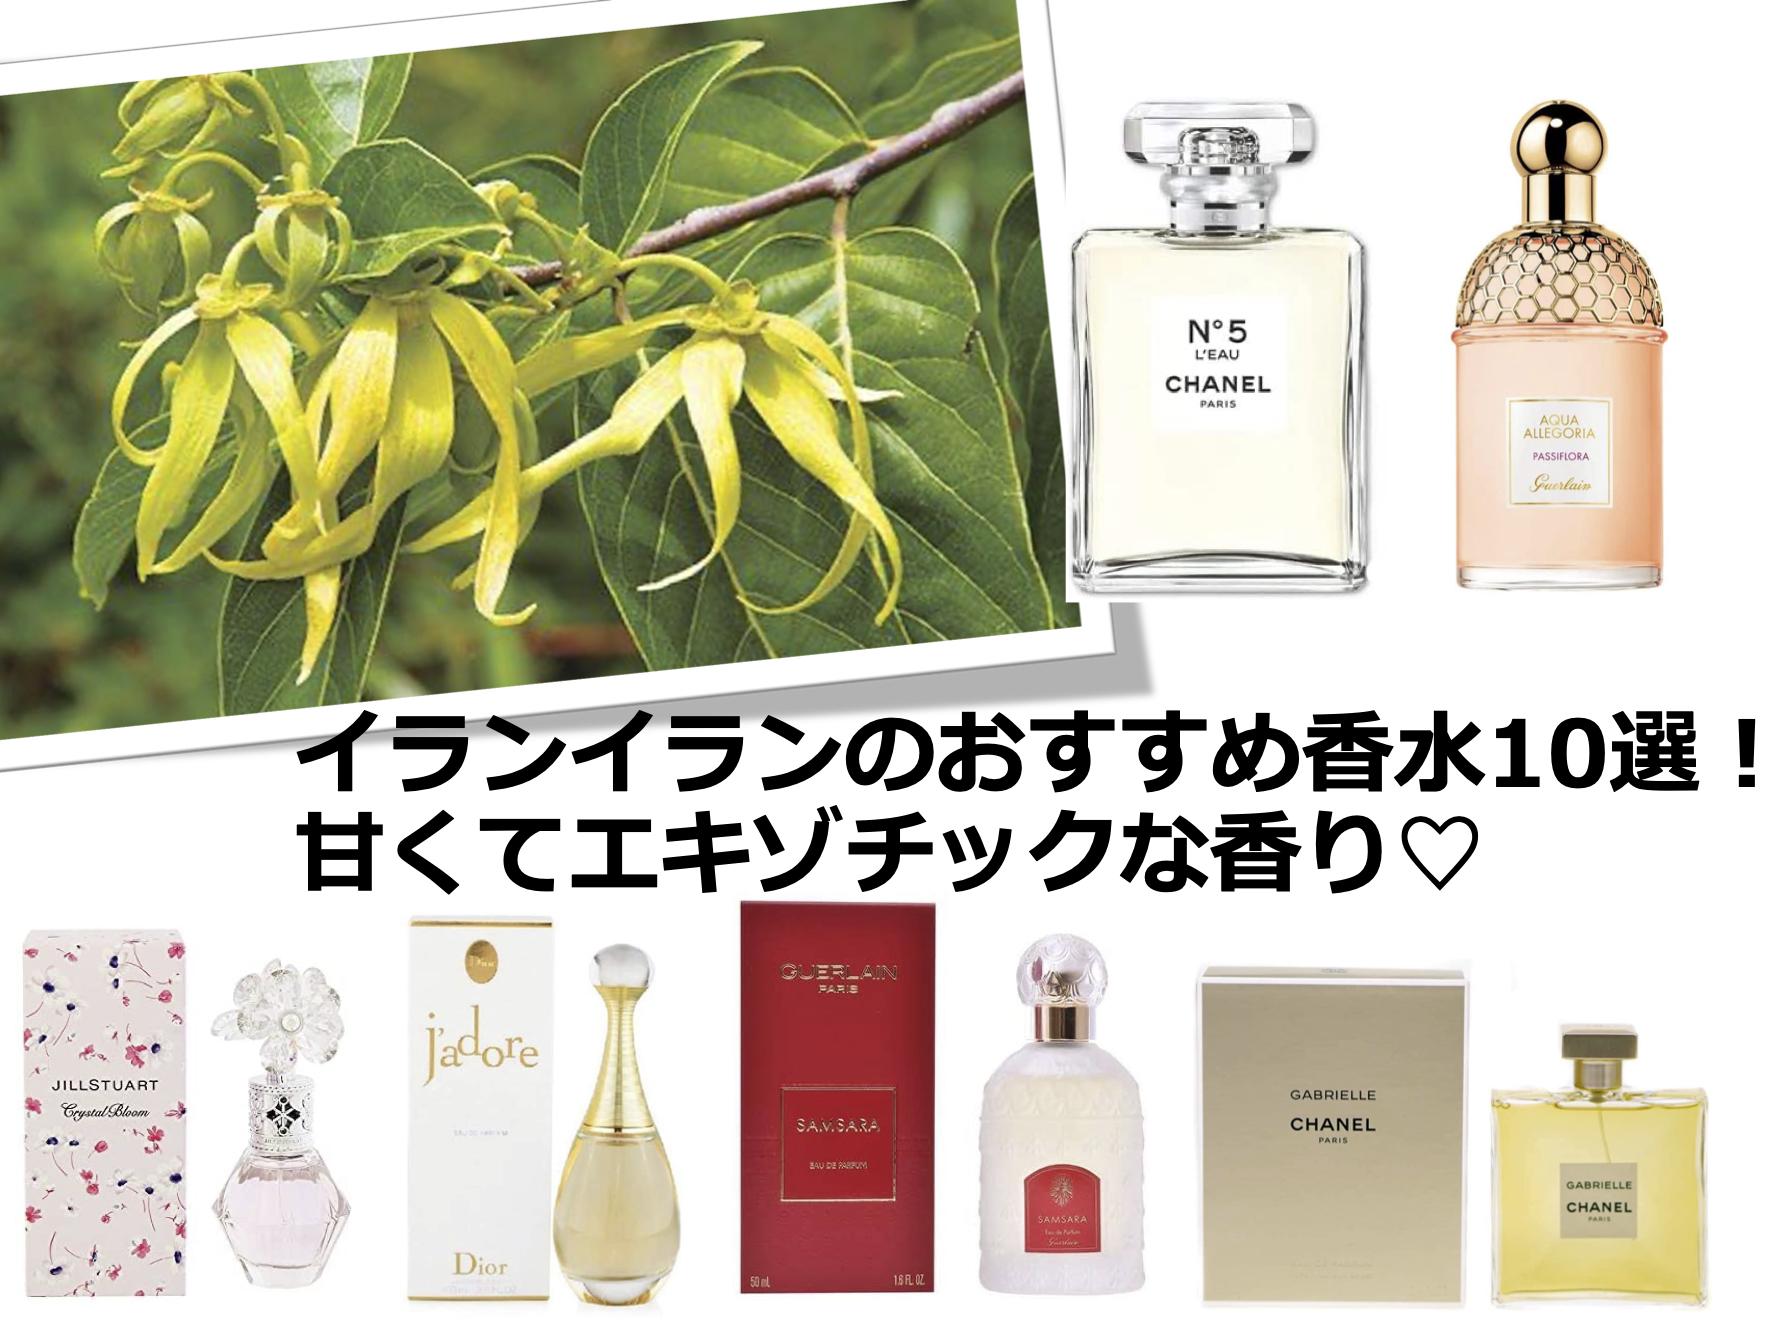 【2021】甘くてエキゾチックな香り♡イランイランの香水おすすめ10選! アイキャッチ画像